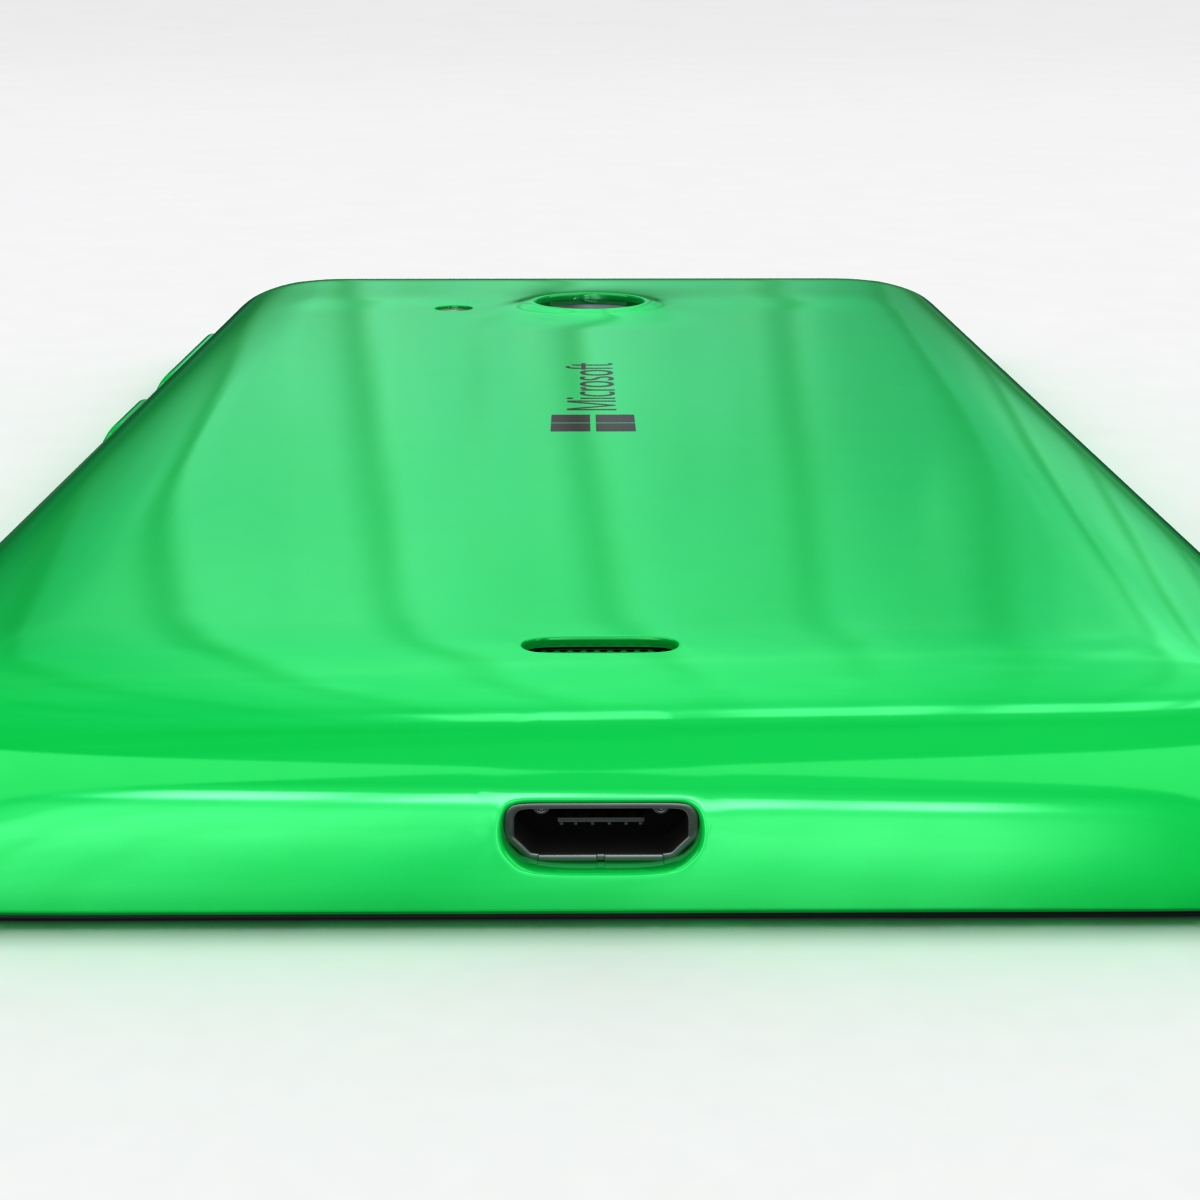 microsoft lumia 535 and dual sim all colors 3d model 3ds max fbx c4d obj 204675